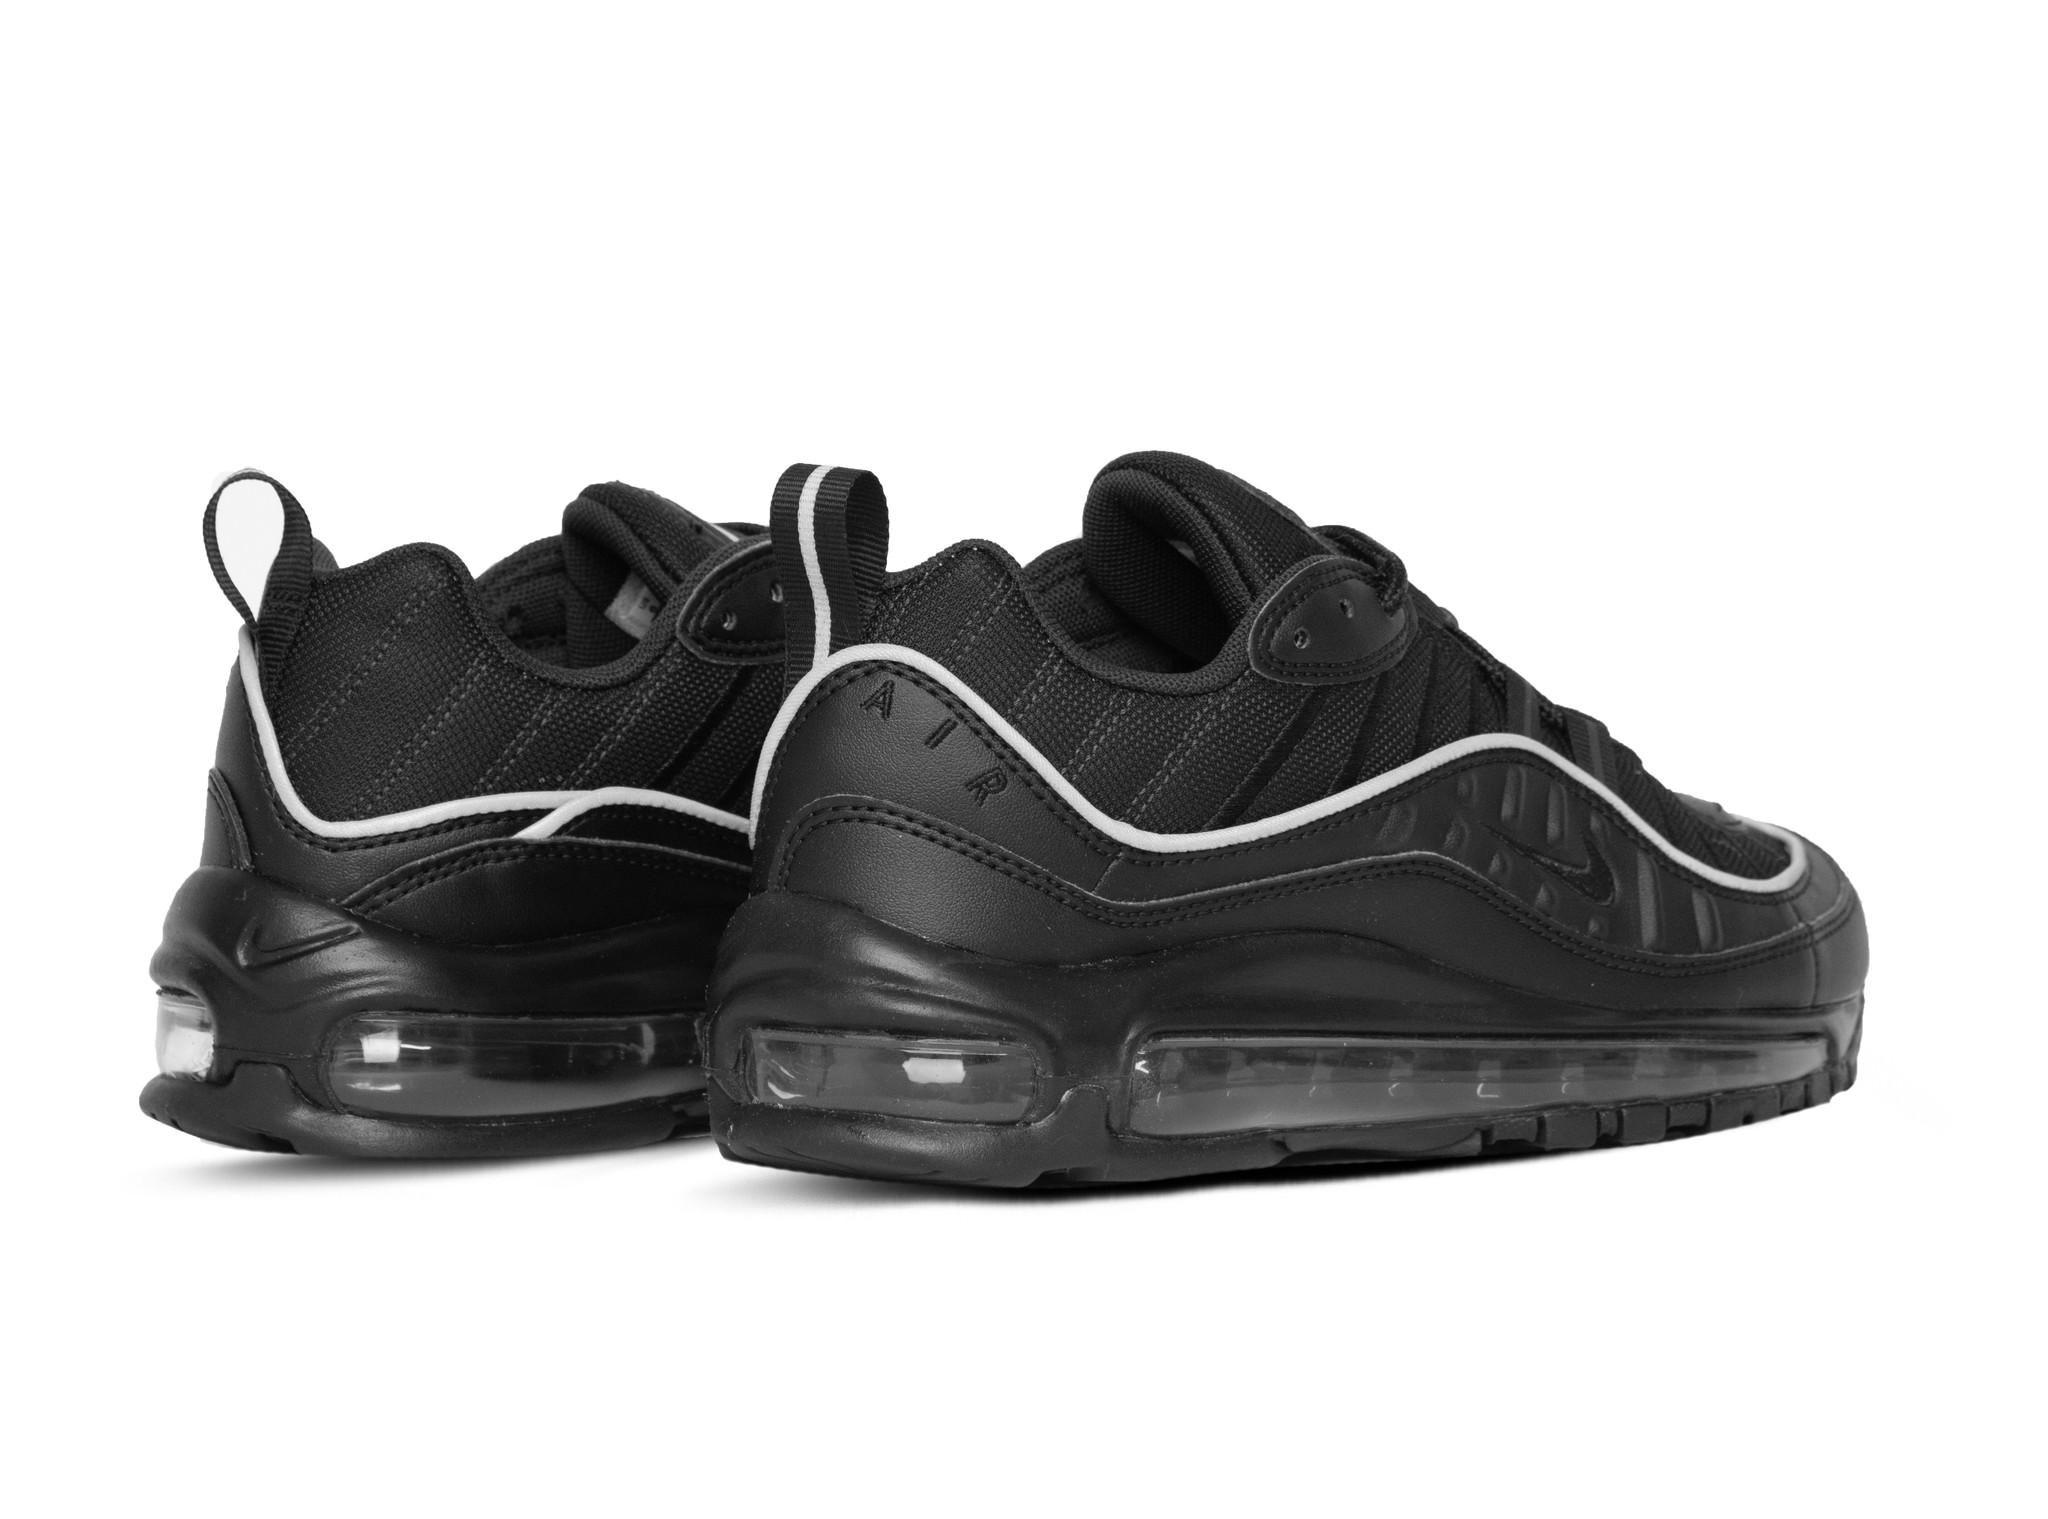 W Air Max 98 Black Black Off Noir AH6799 004 Bruut Online